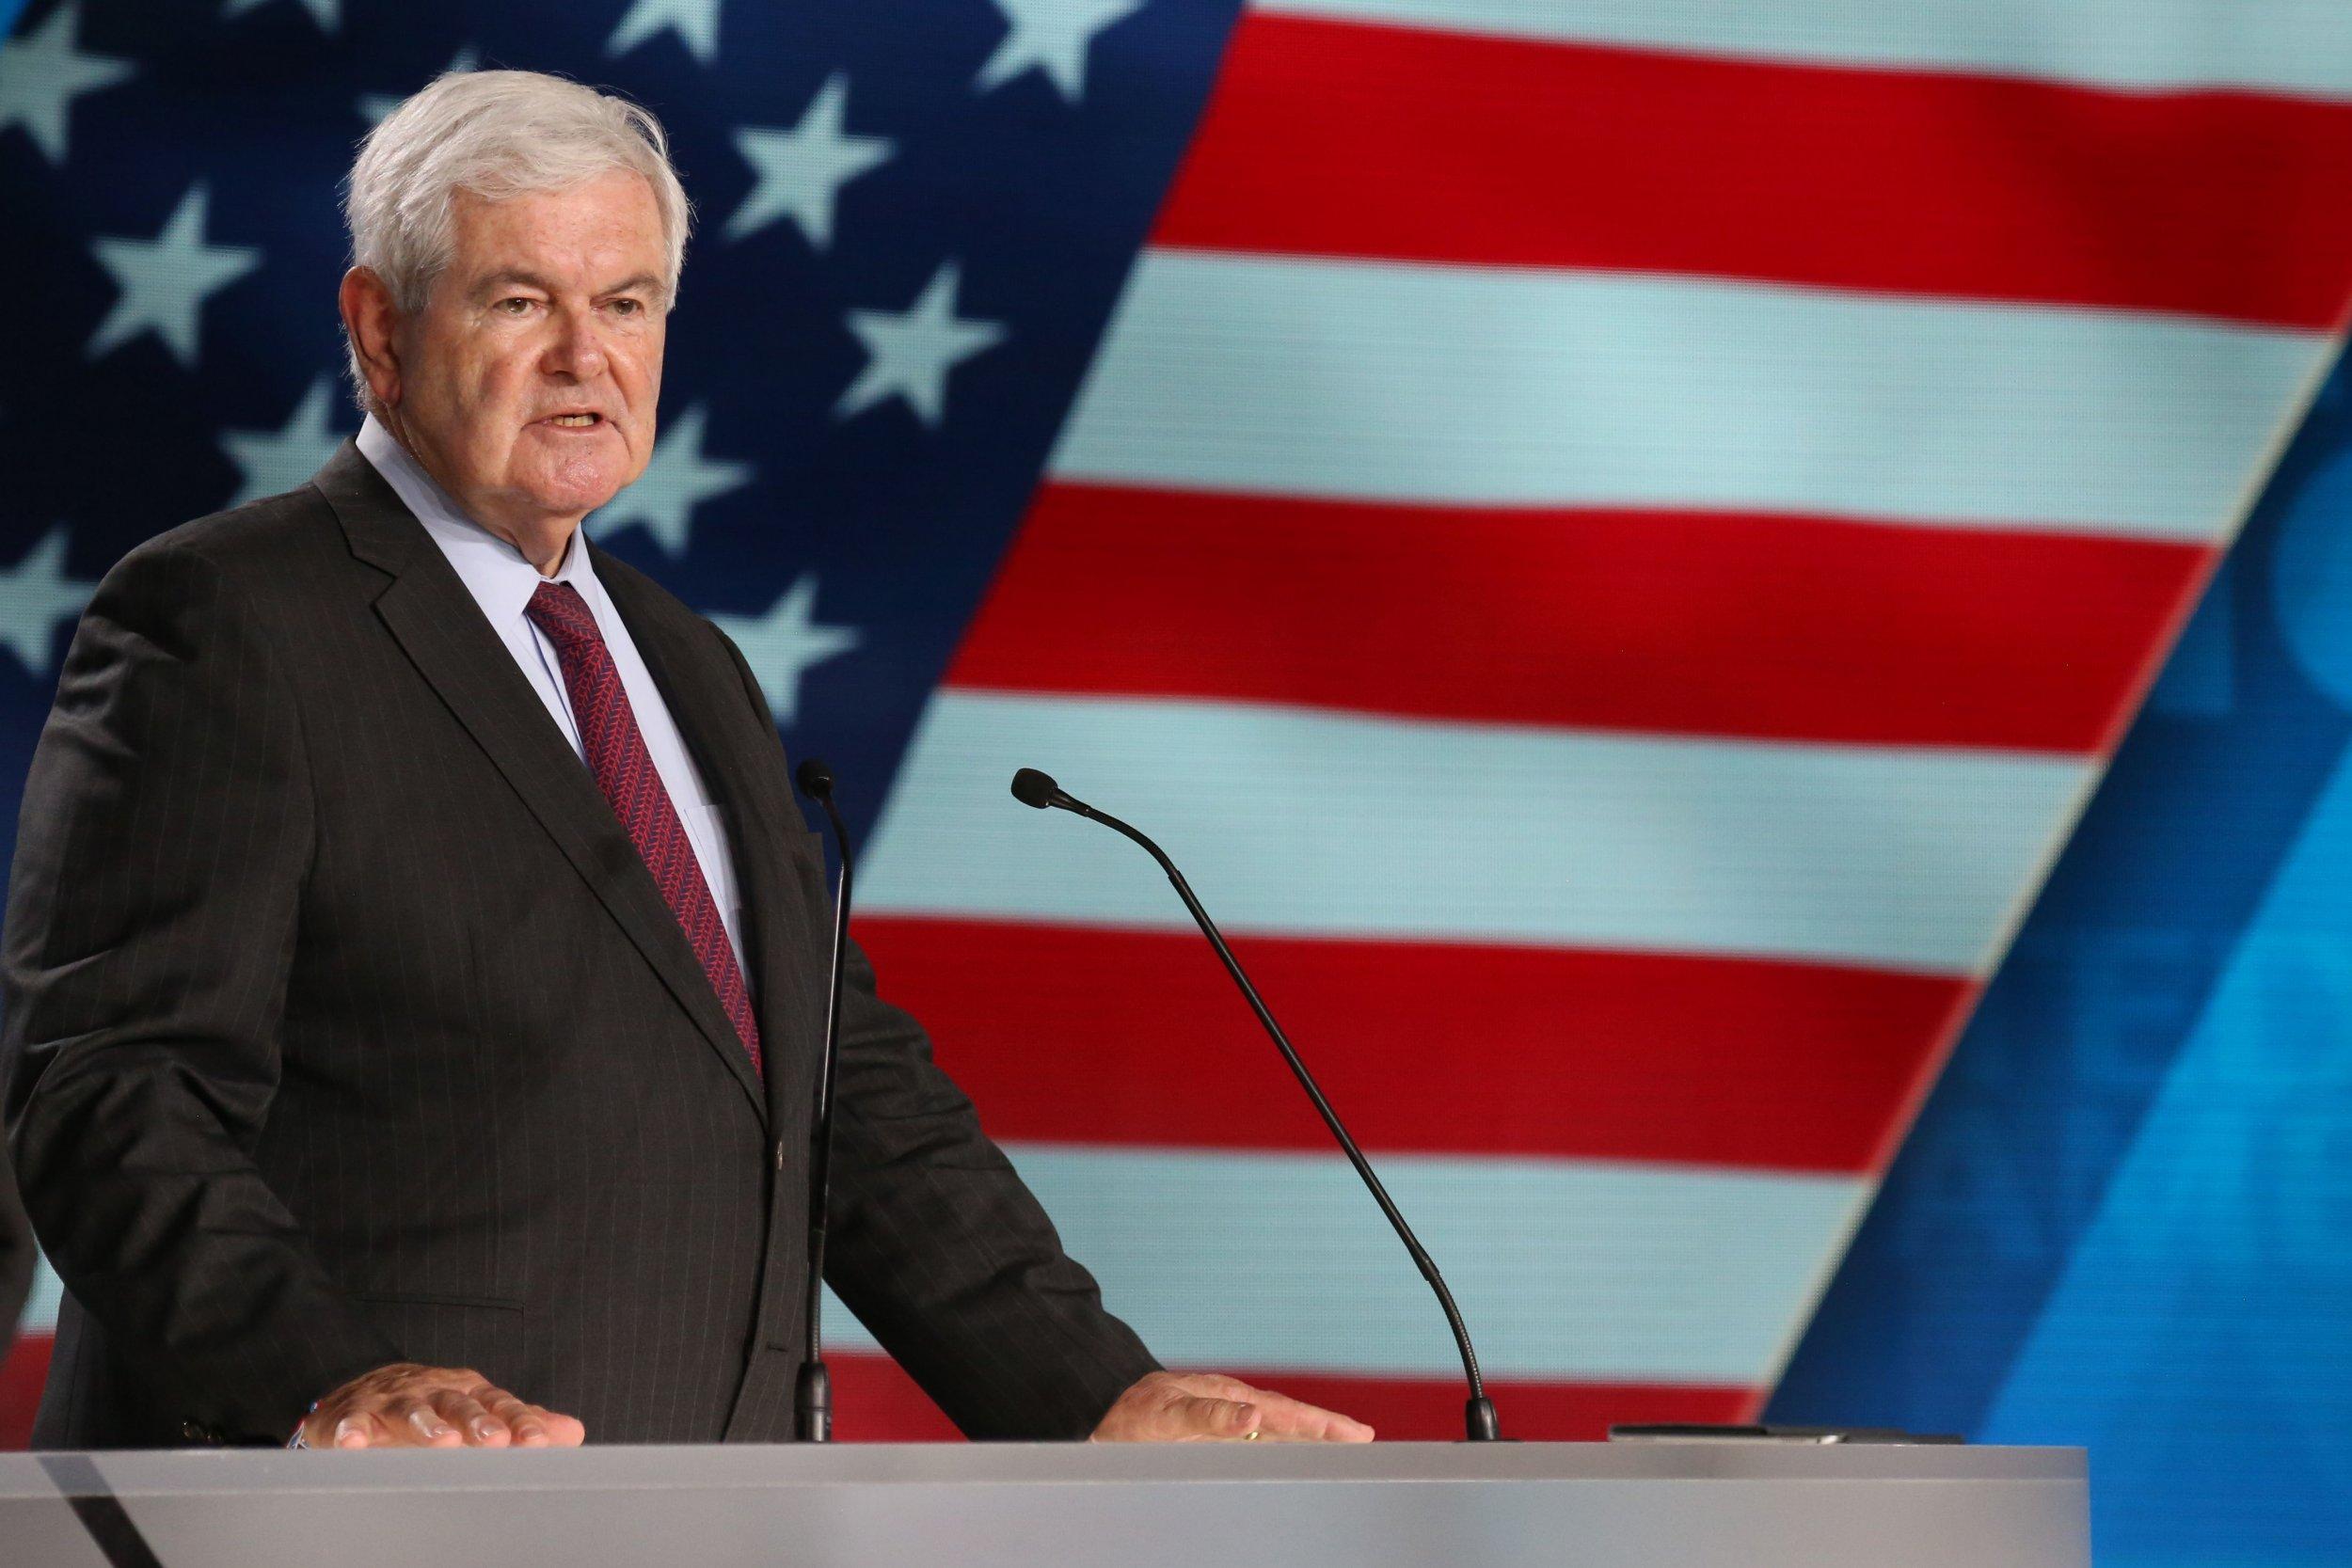 Newt Gingrich Fox News deep state